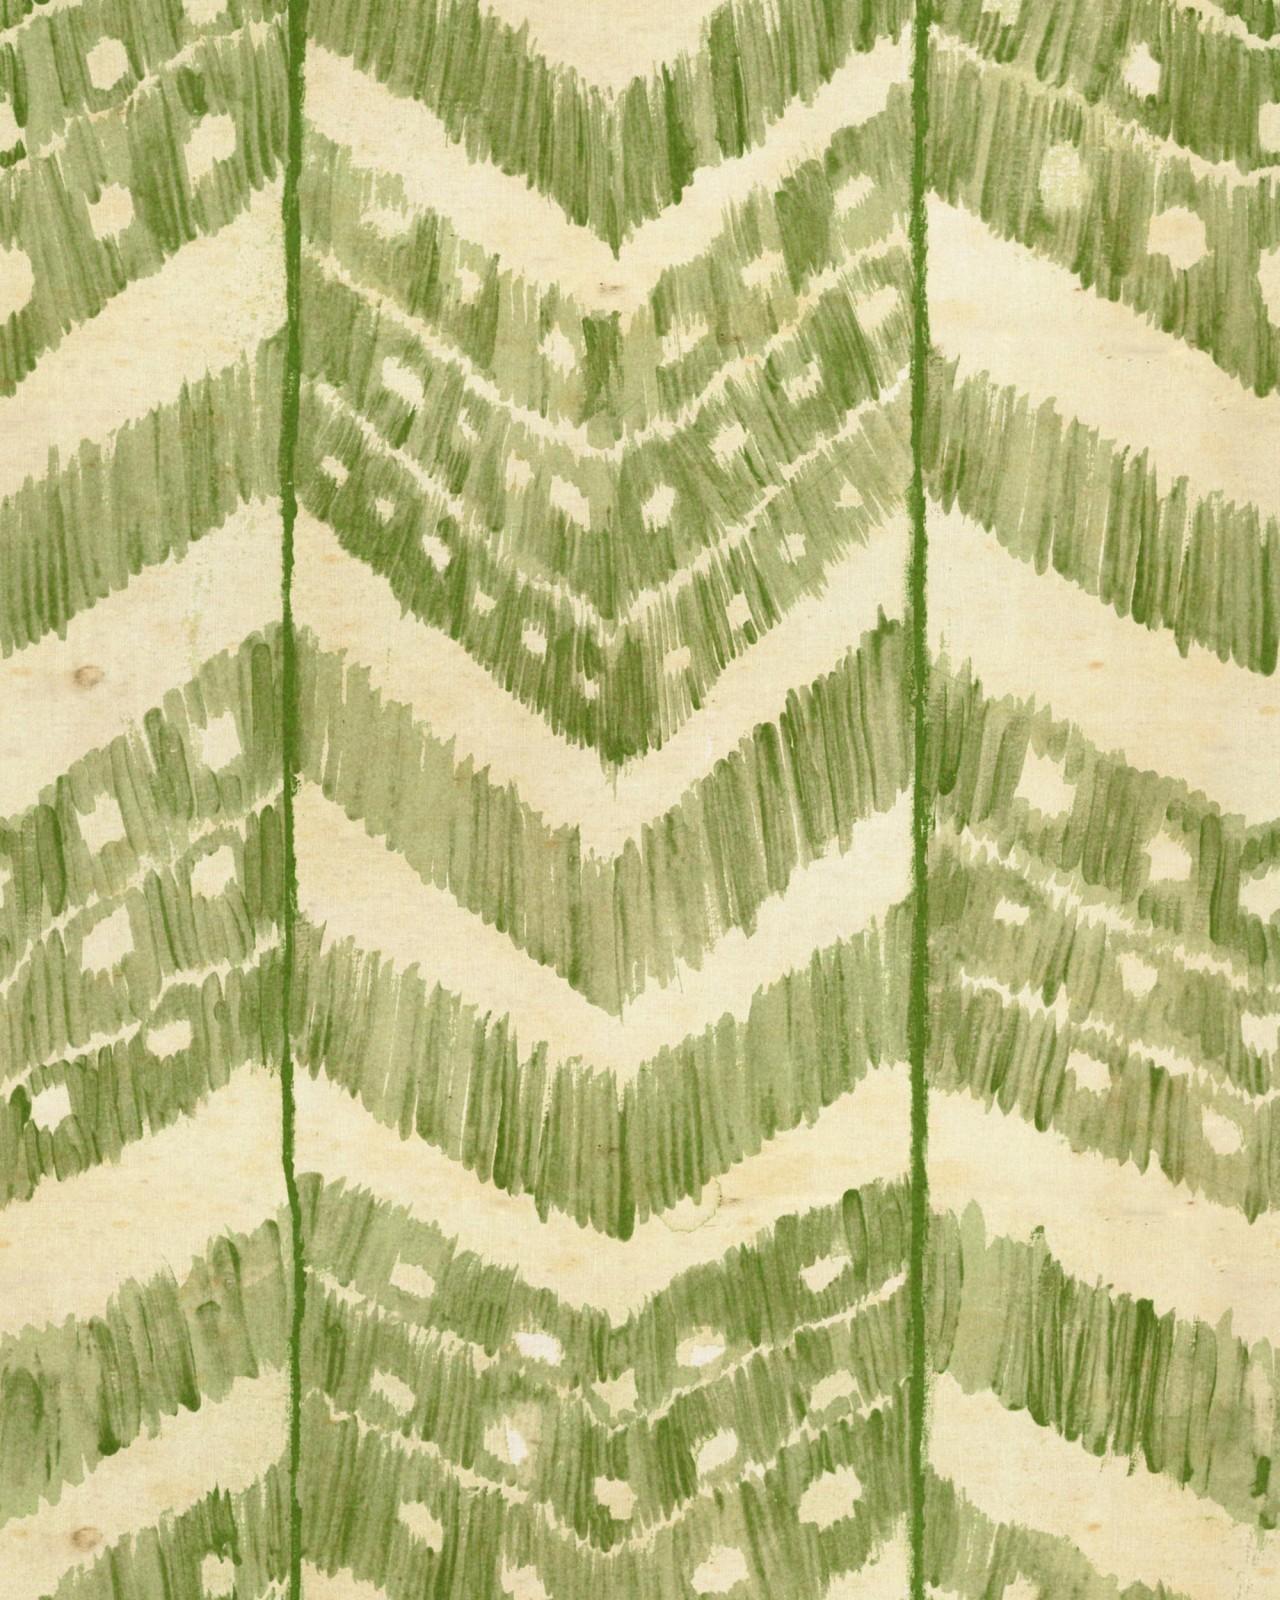 TURKISH IKAT Foliage Wallpaper